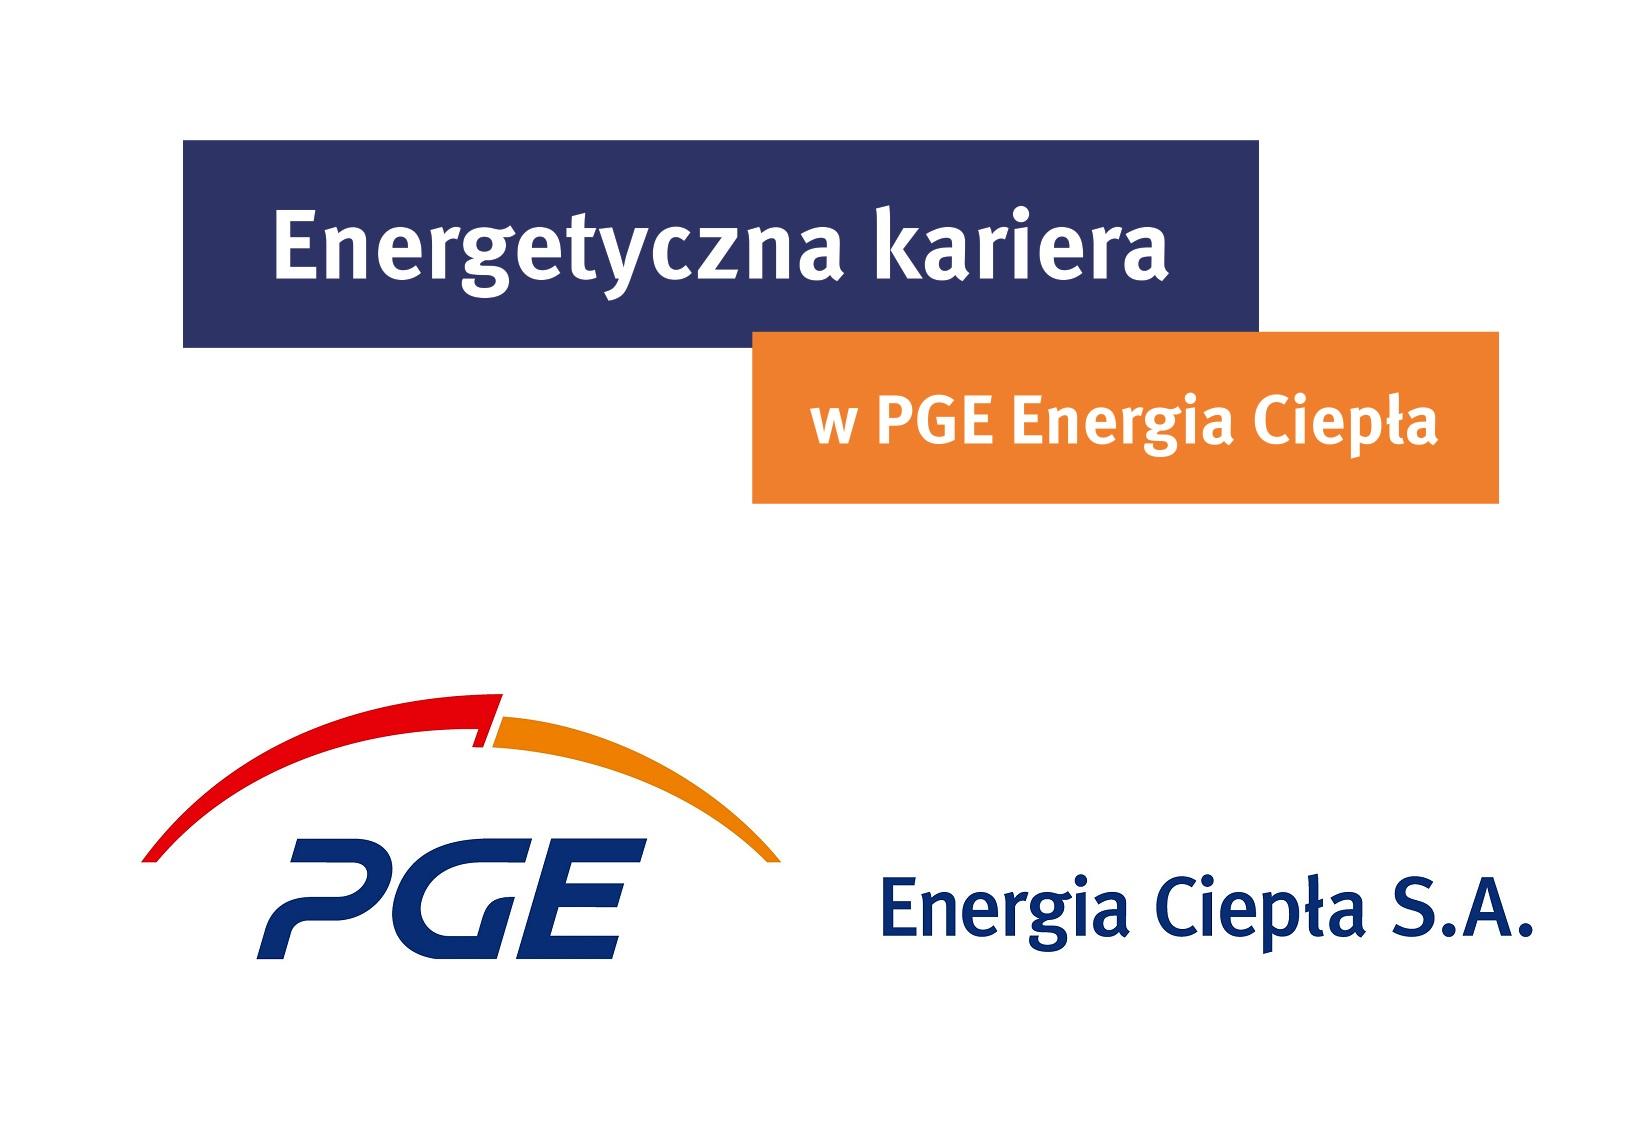 Energetyczna kariera w PGE Energia Ciepła